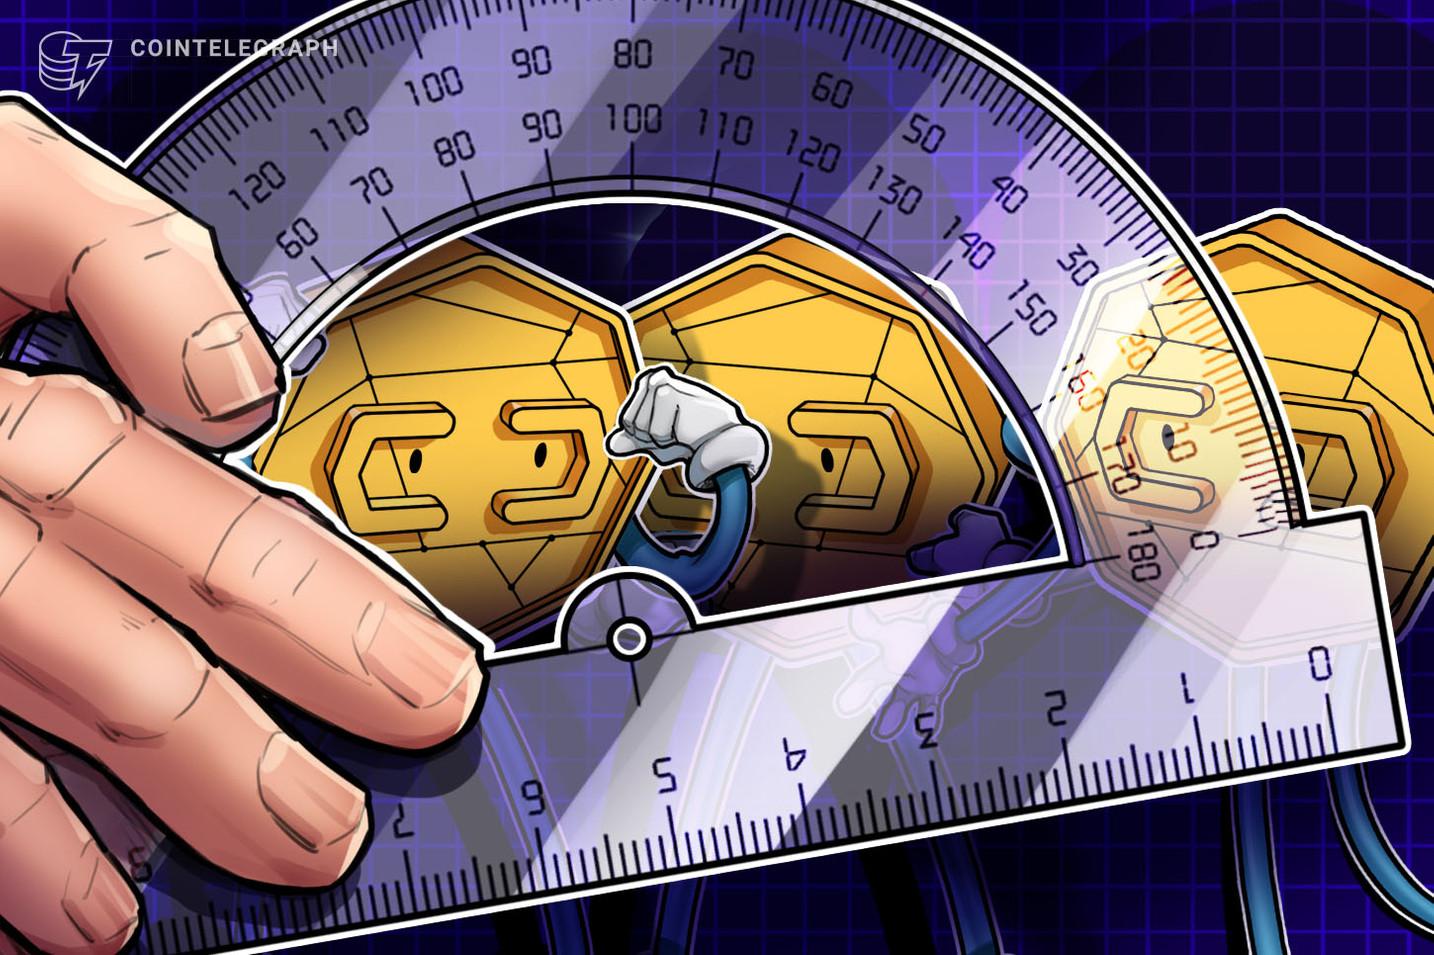 Altcoins obtém ganhos de três dígitos à medida que o preço do Bitcoin atinge US$ 60 mil